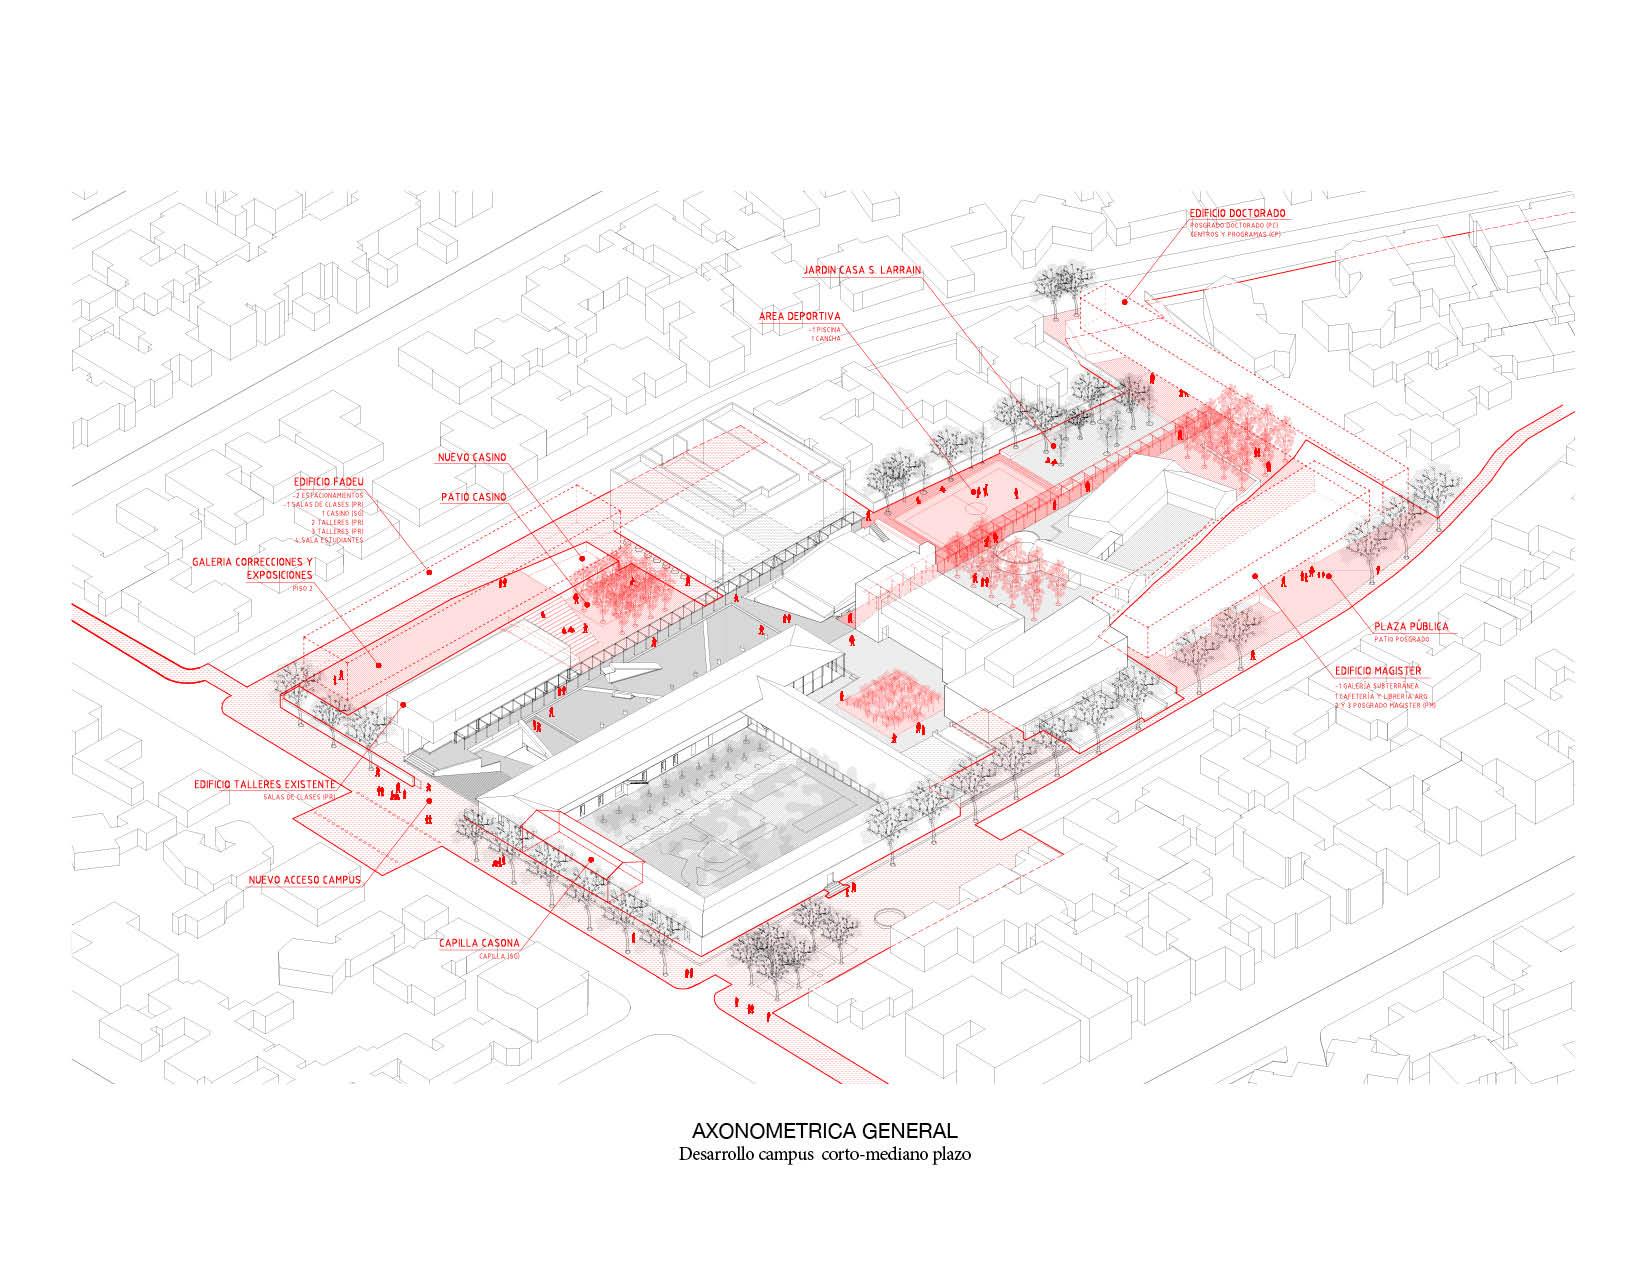 Beals lyon arquitectos primer lugar en concurso de plan - Arquitectura lyon ...